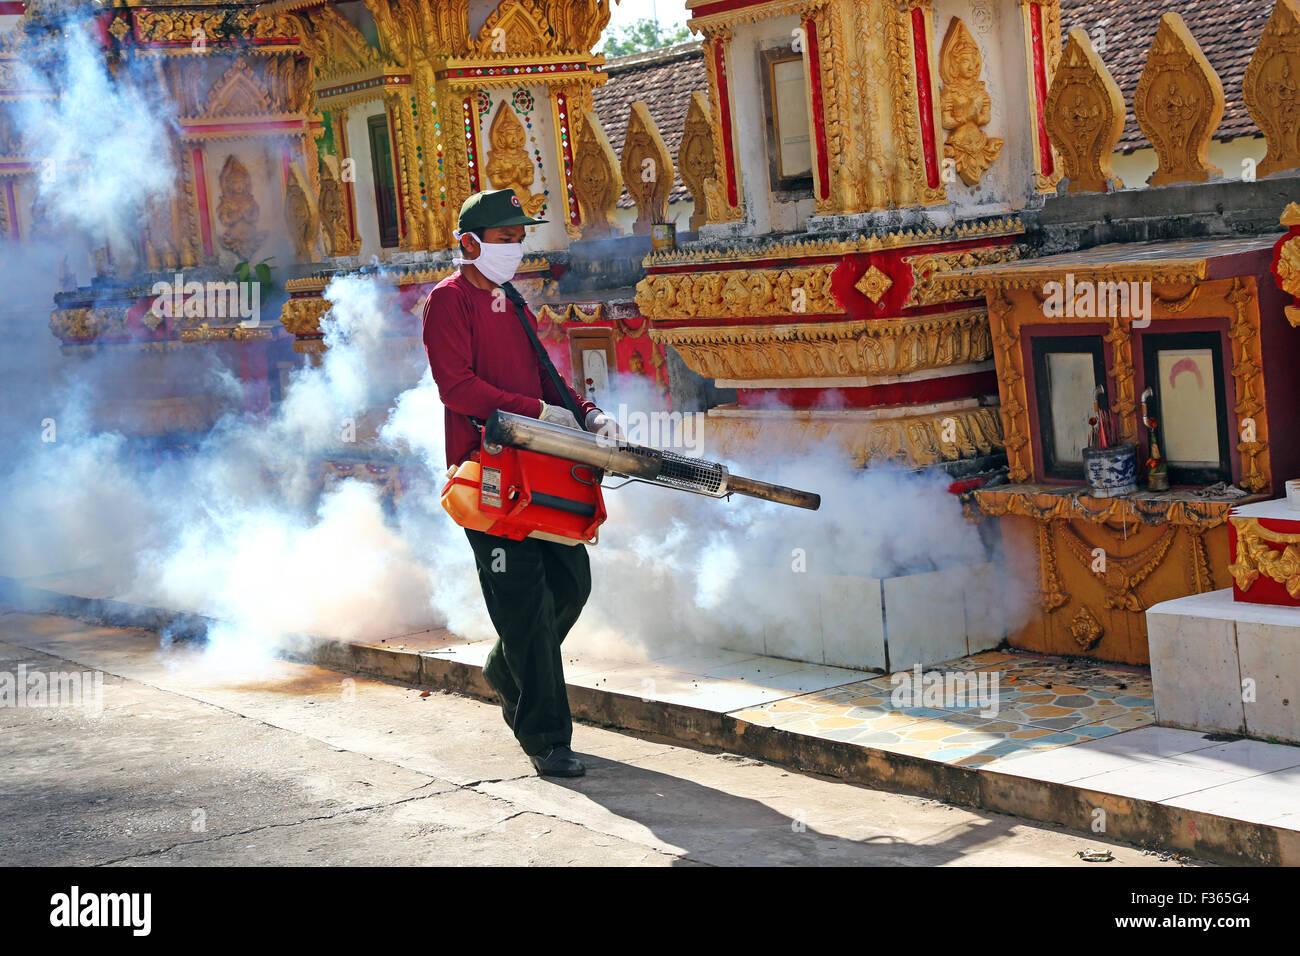 Nettoyage du temple d'insectes avec de la fumée près de Wat That Luang Temple, Vientiane, Laos Photo Stock